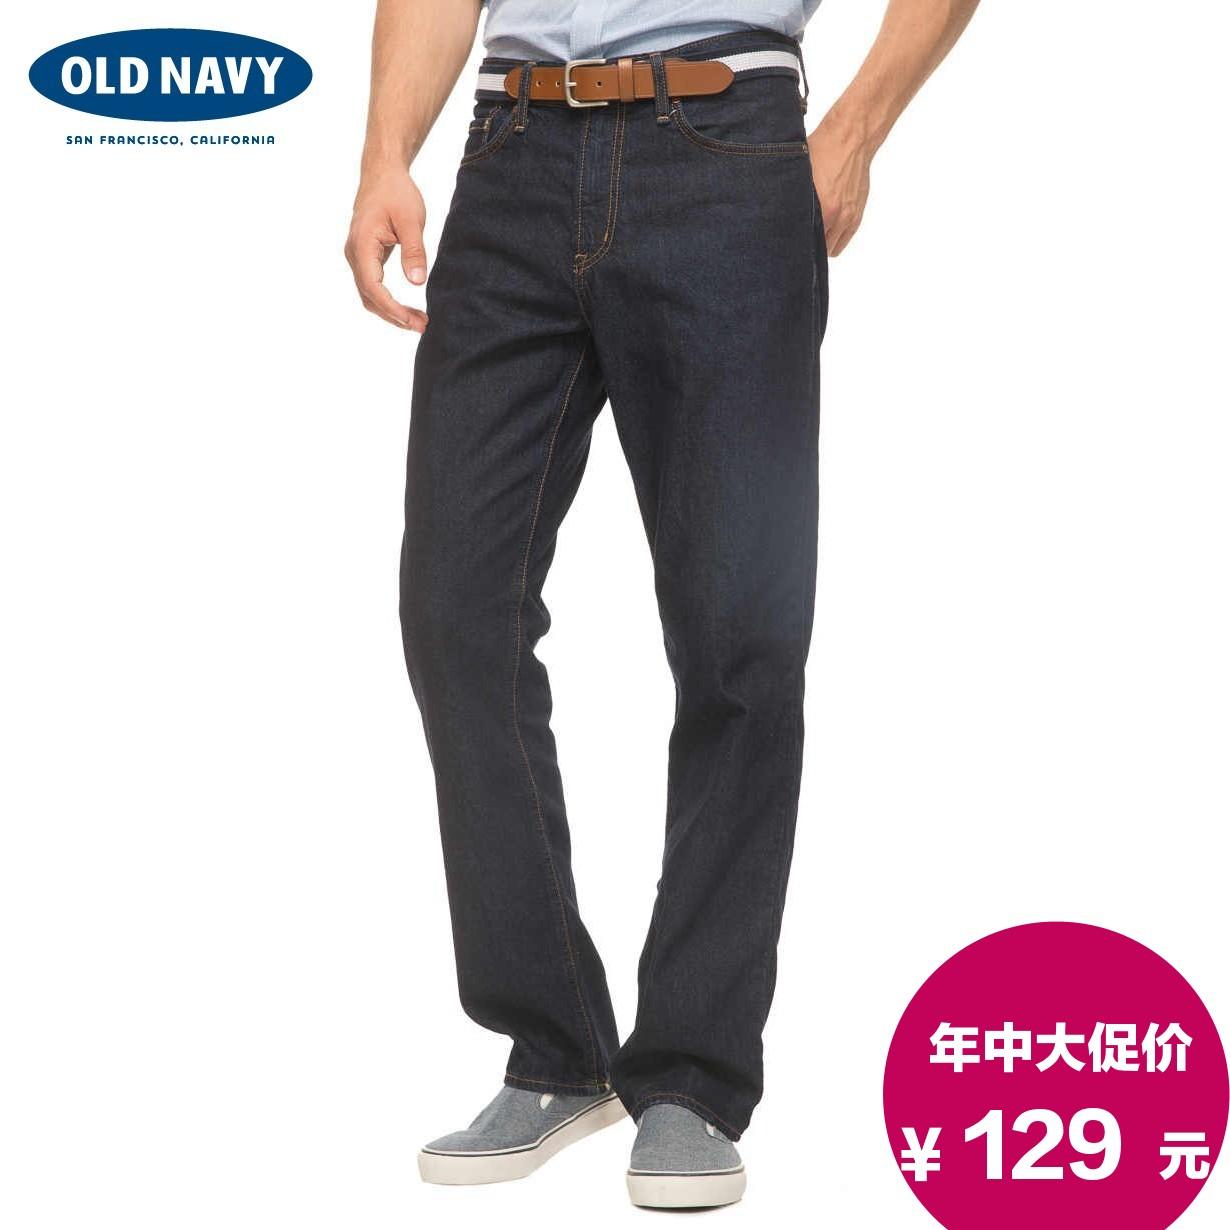 Джинсы мужские OLD NAVY 000742837/2 742837-2 249 джинсы мужские navy old